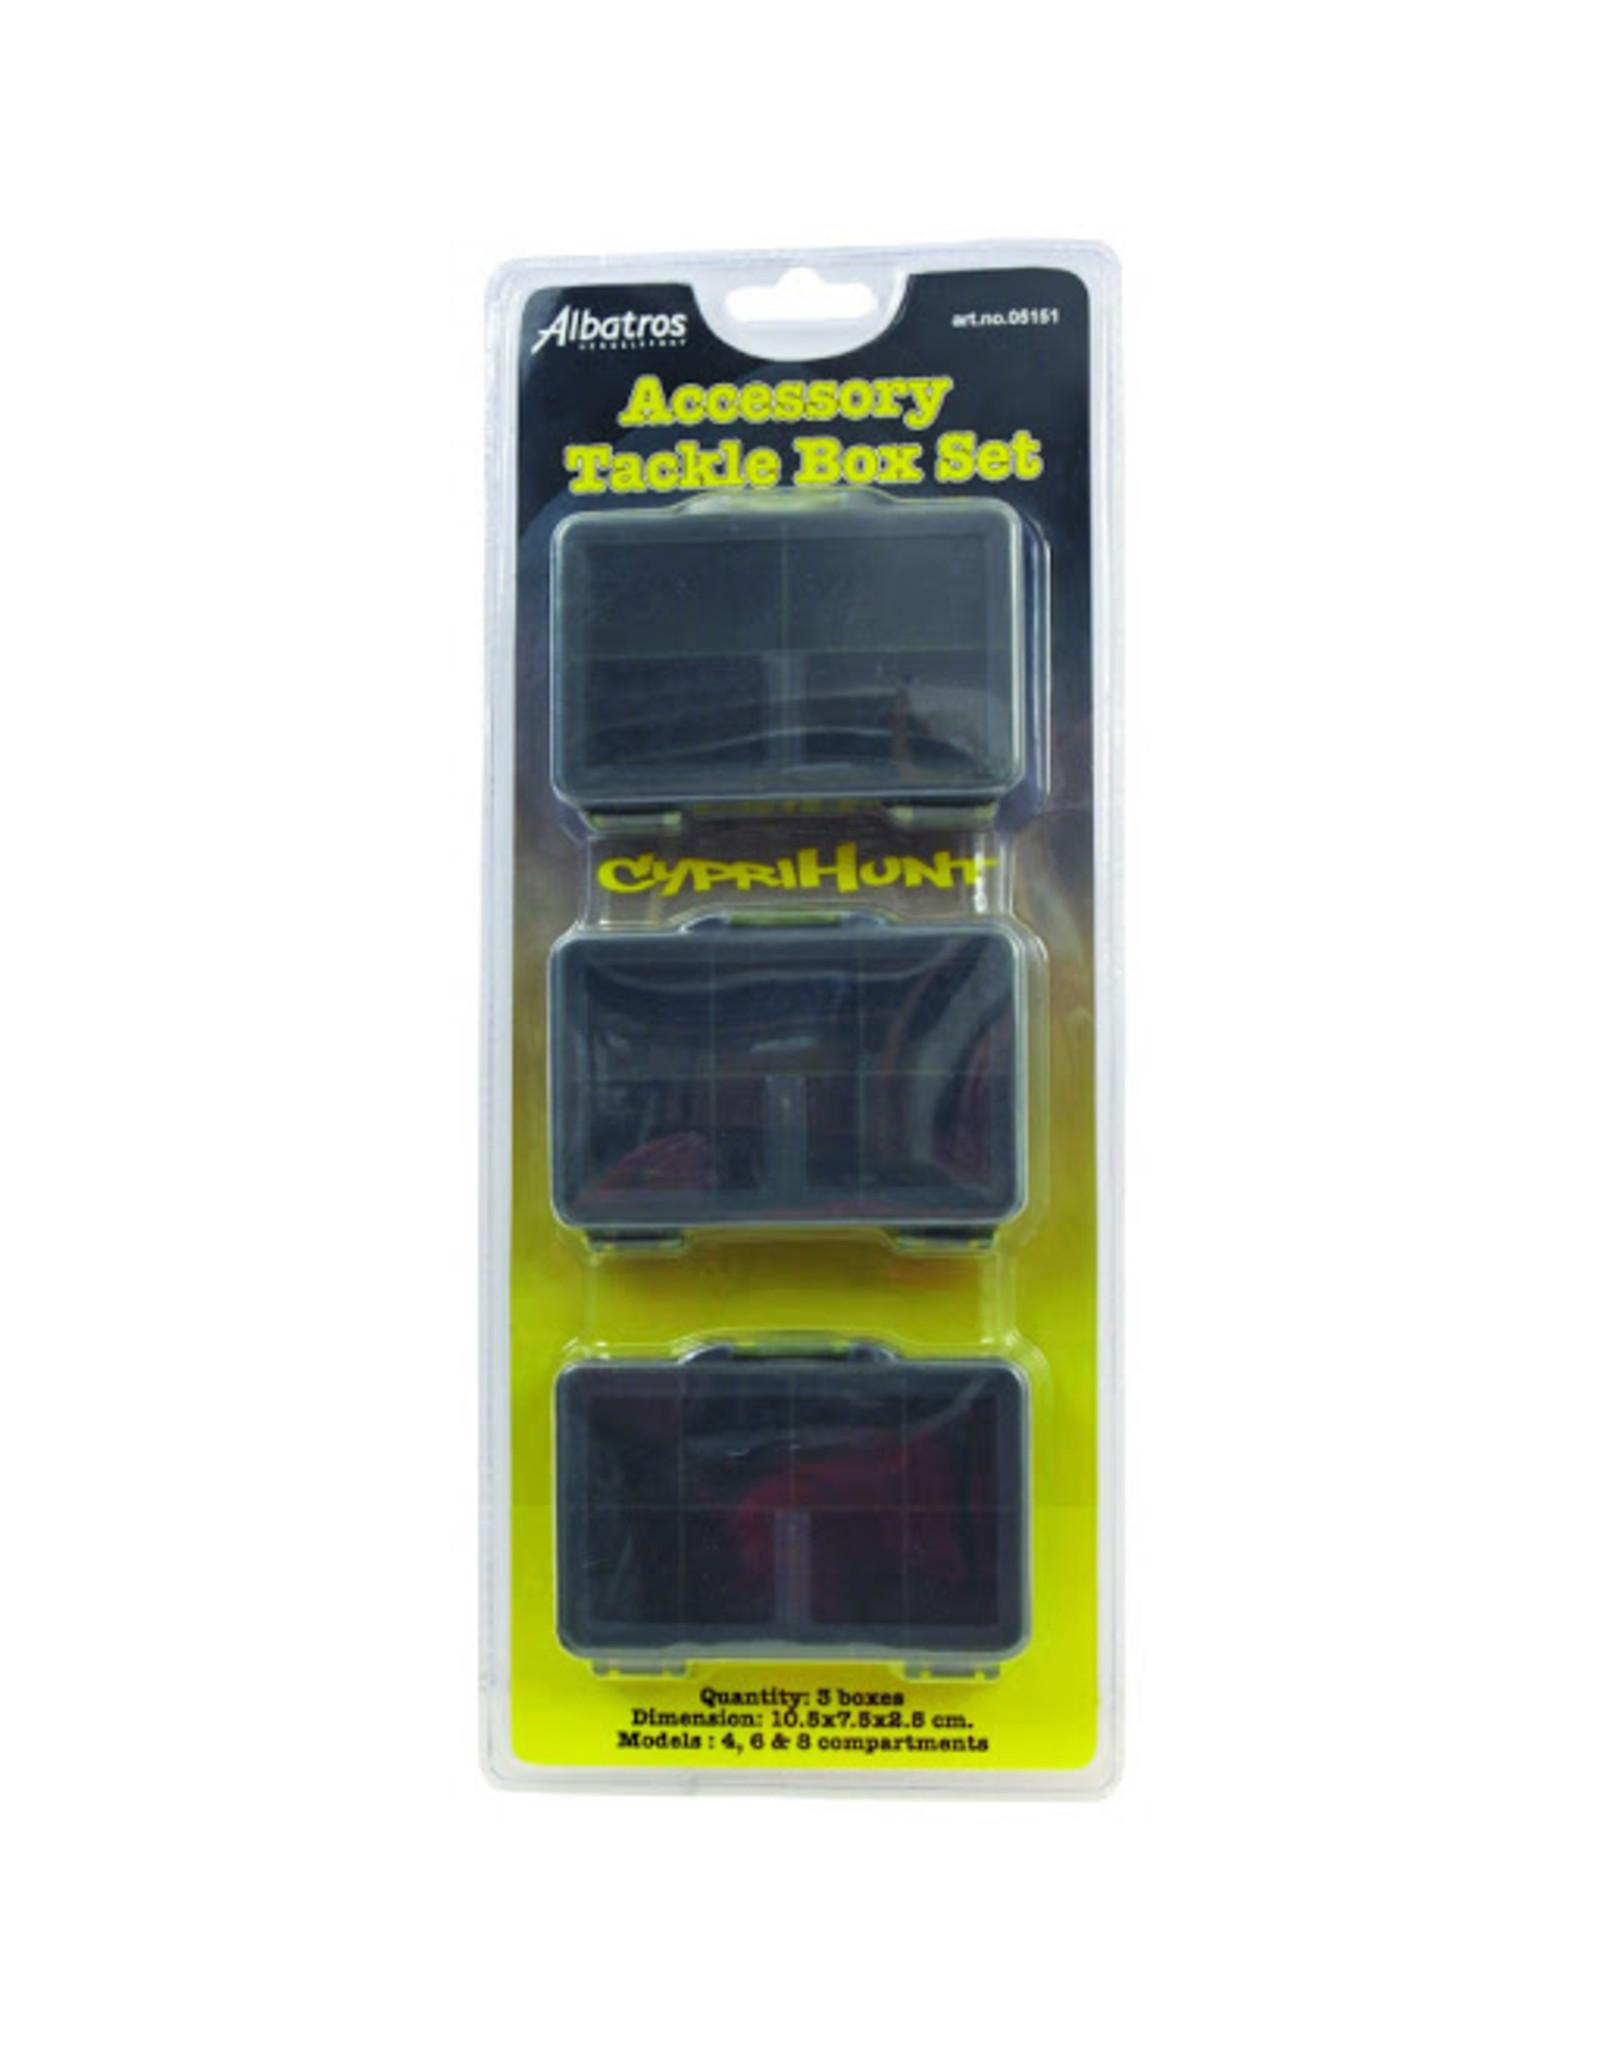 Albatros Accessoires Tackle Box Set